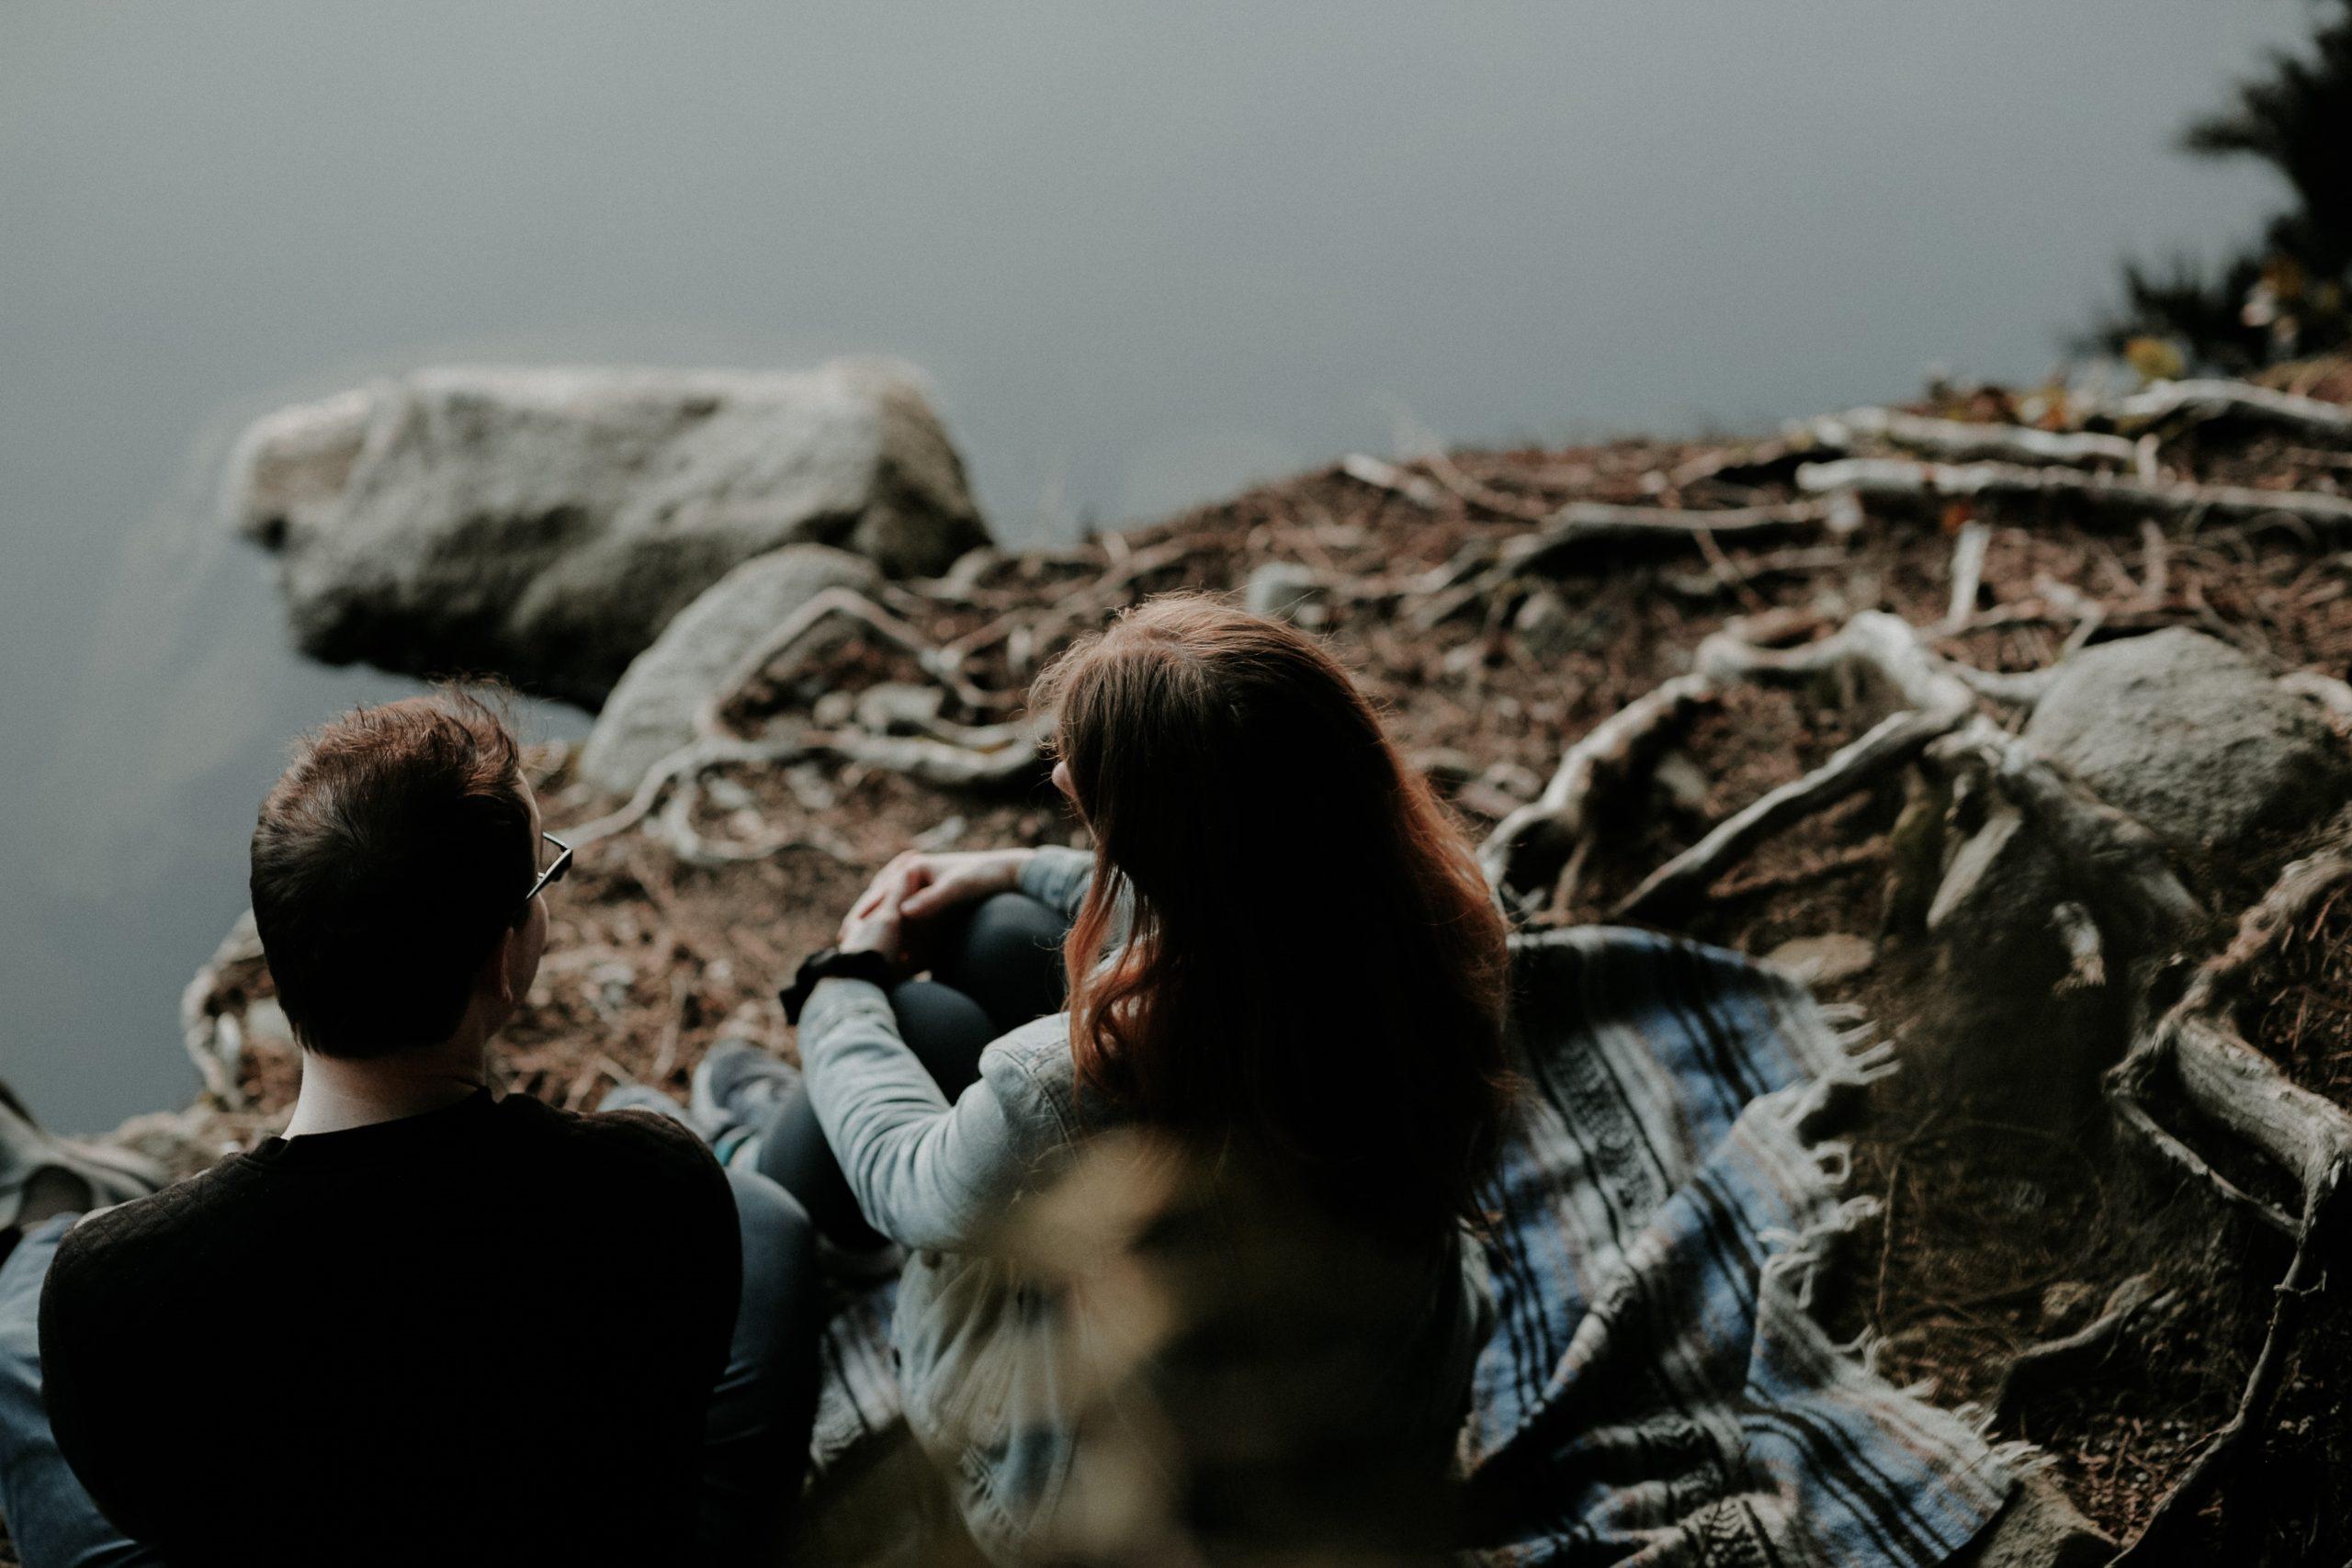 nainen ja mies istuvat kalliolla vierekkäin